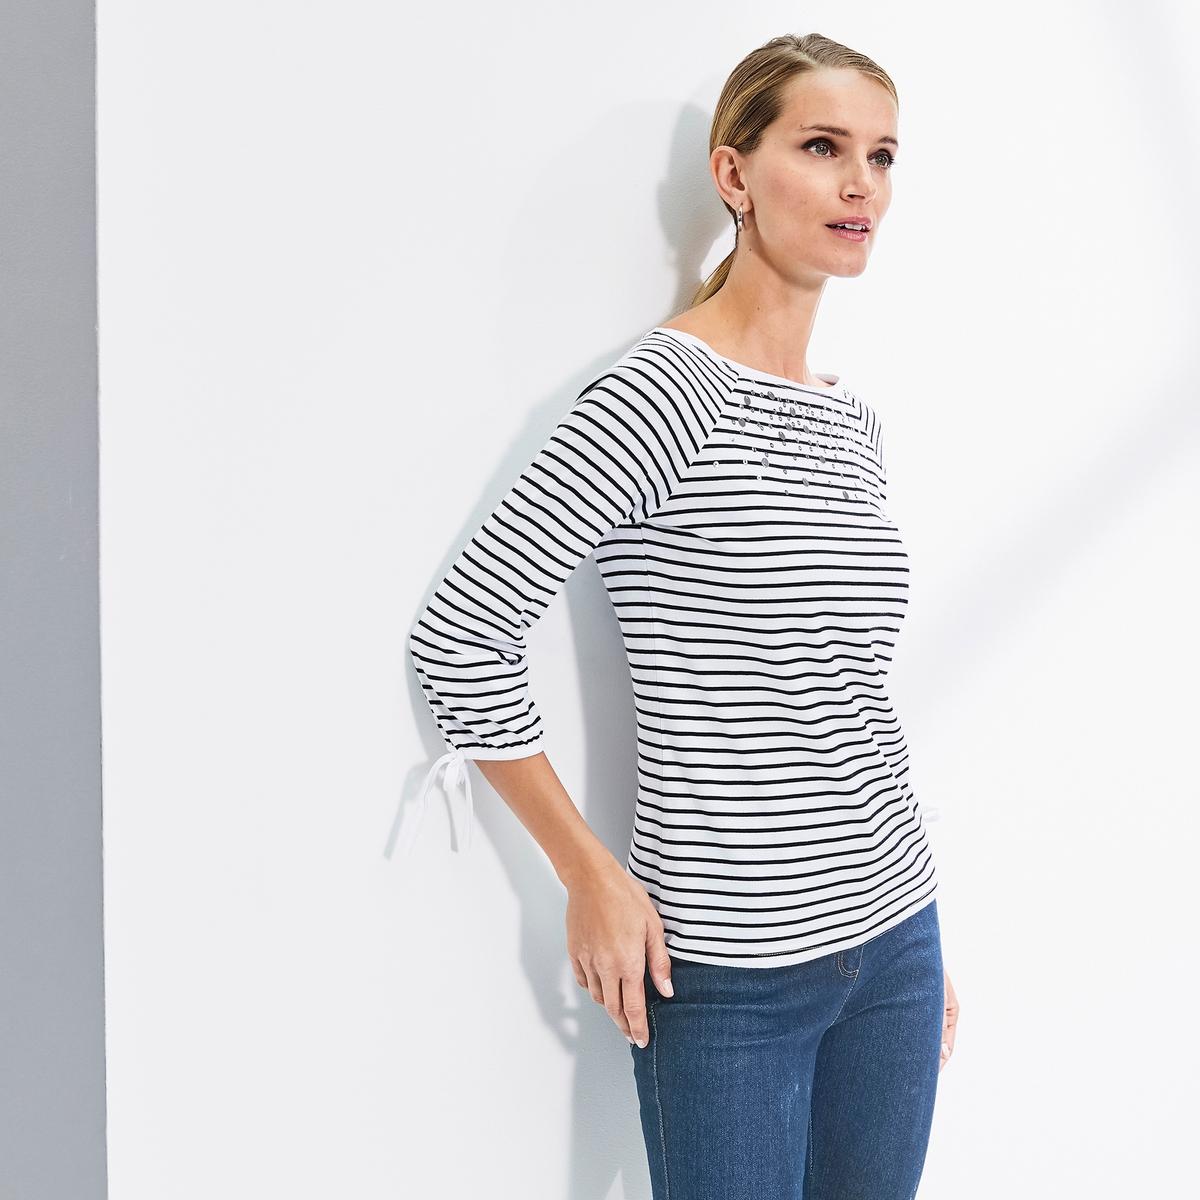 Imagen secundaria de producto de Camiseta a rayas, cuello barco, manga 3/4 - Anne weyburn